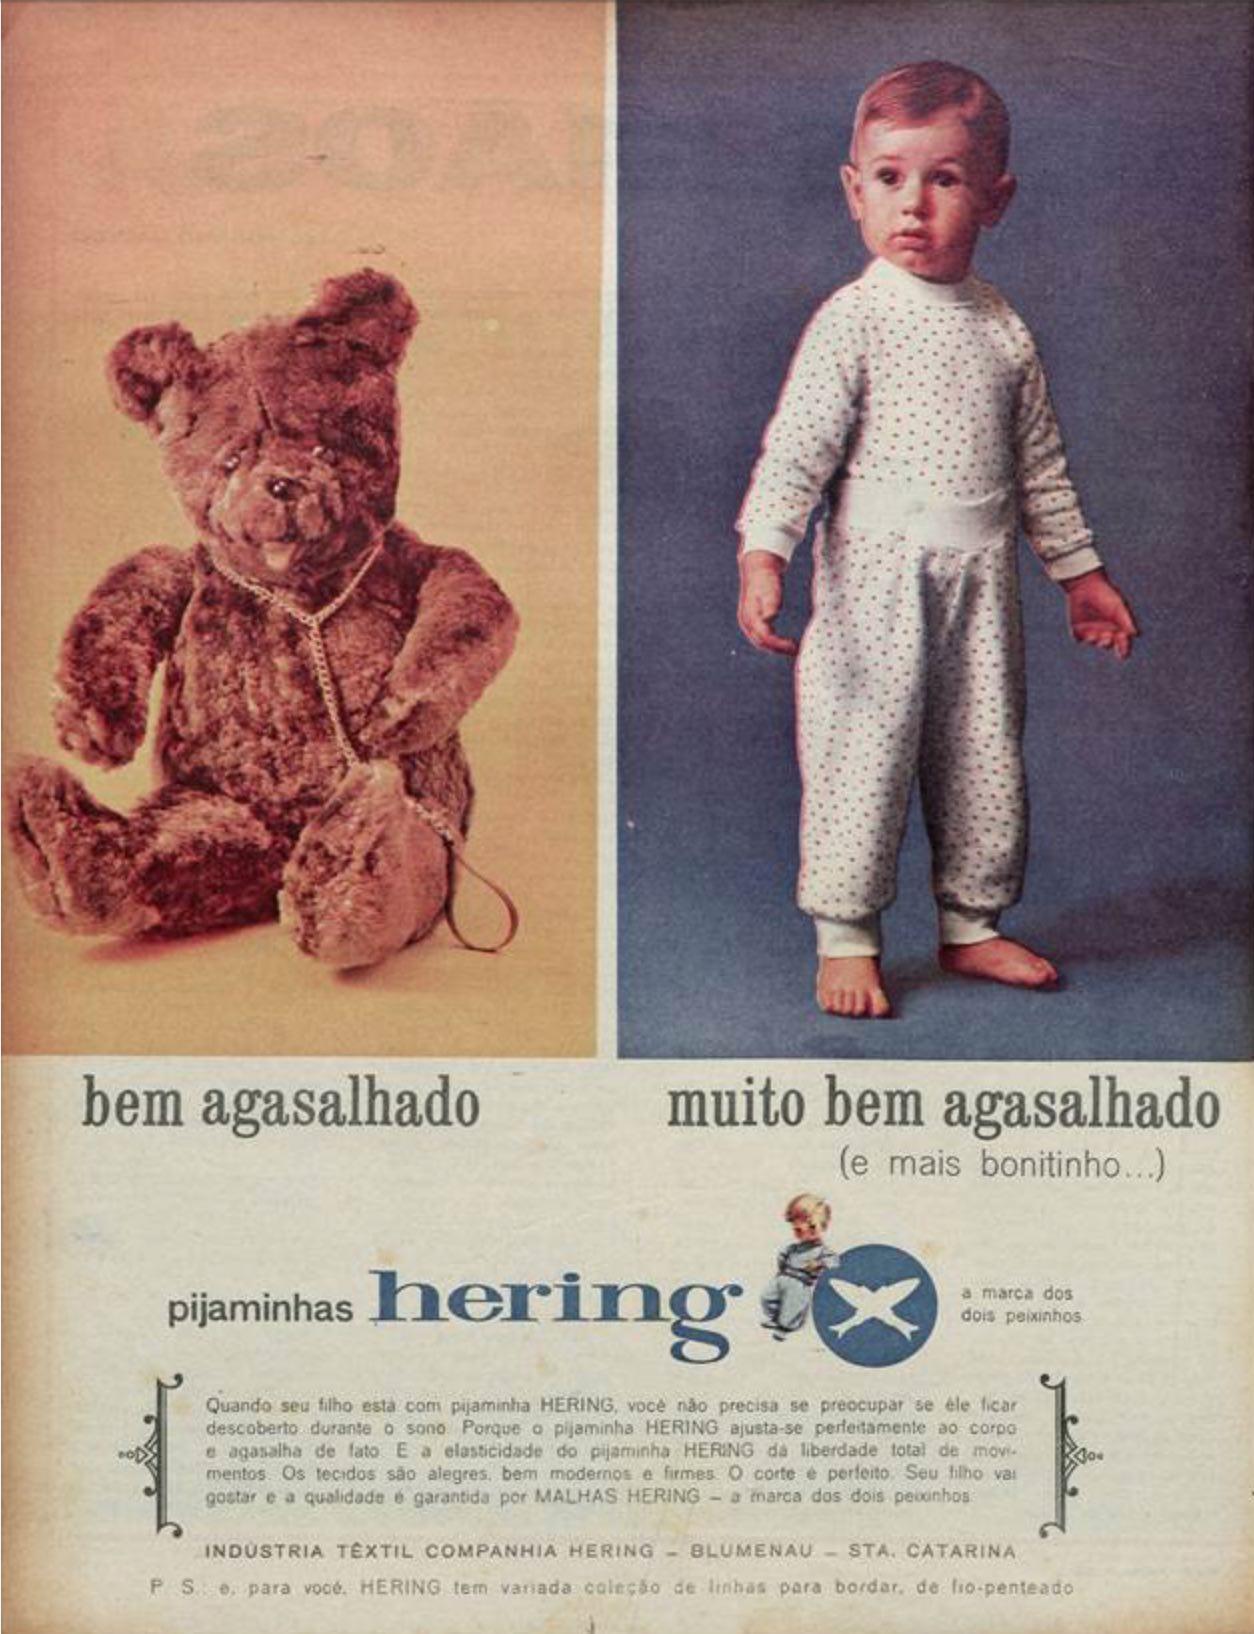 Anúncio antigo da Hering promovendo sua linha de pijamas em 1965